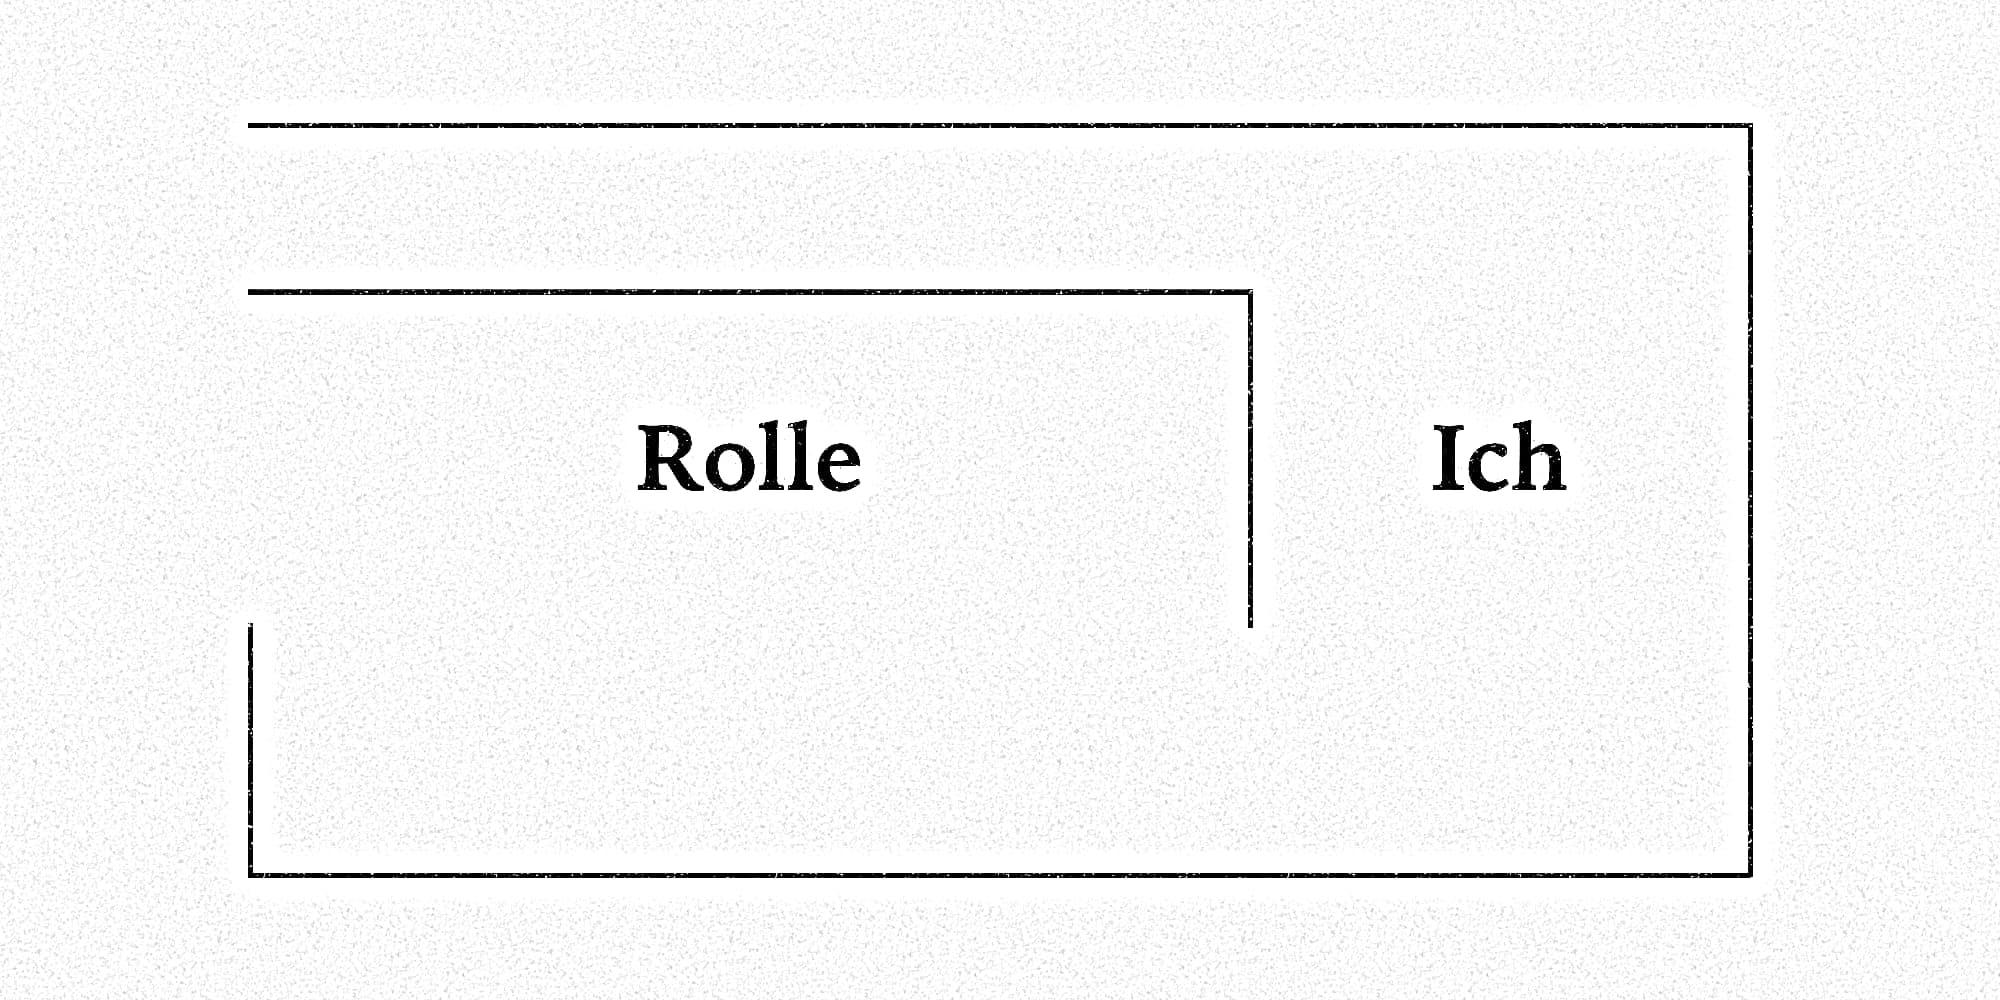 Form of the firm-Darstellung zur Abgrenzung zwischen Rolle und Ich.